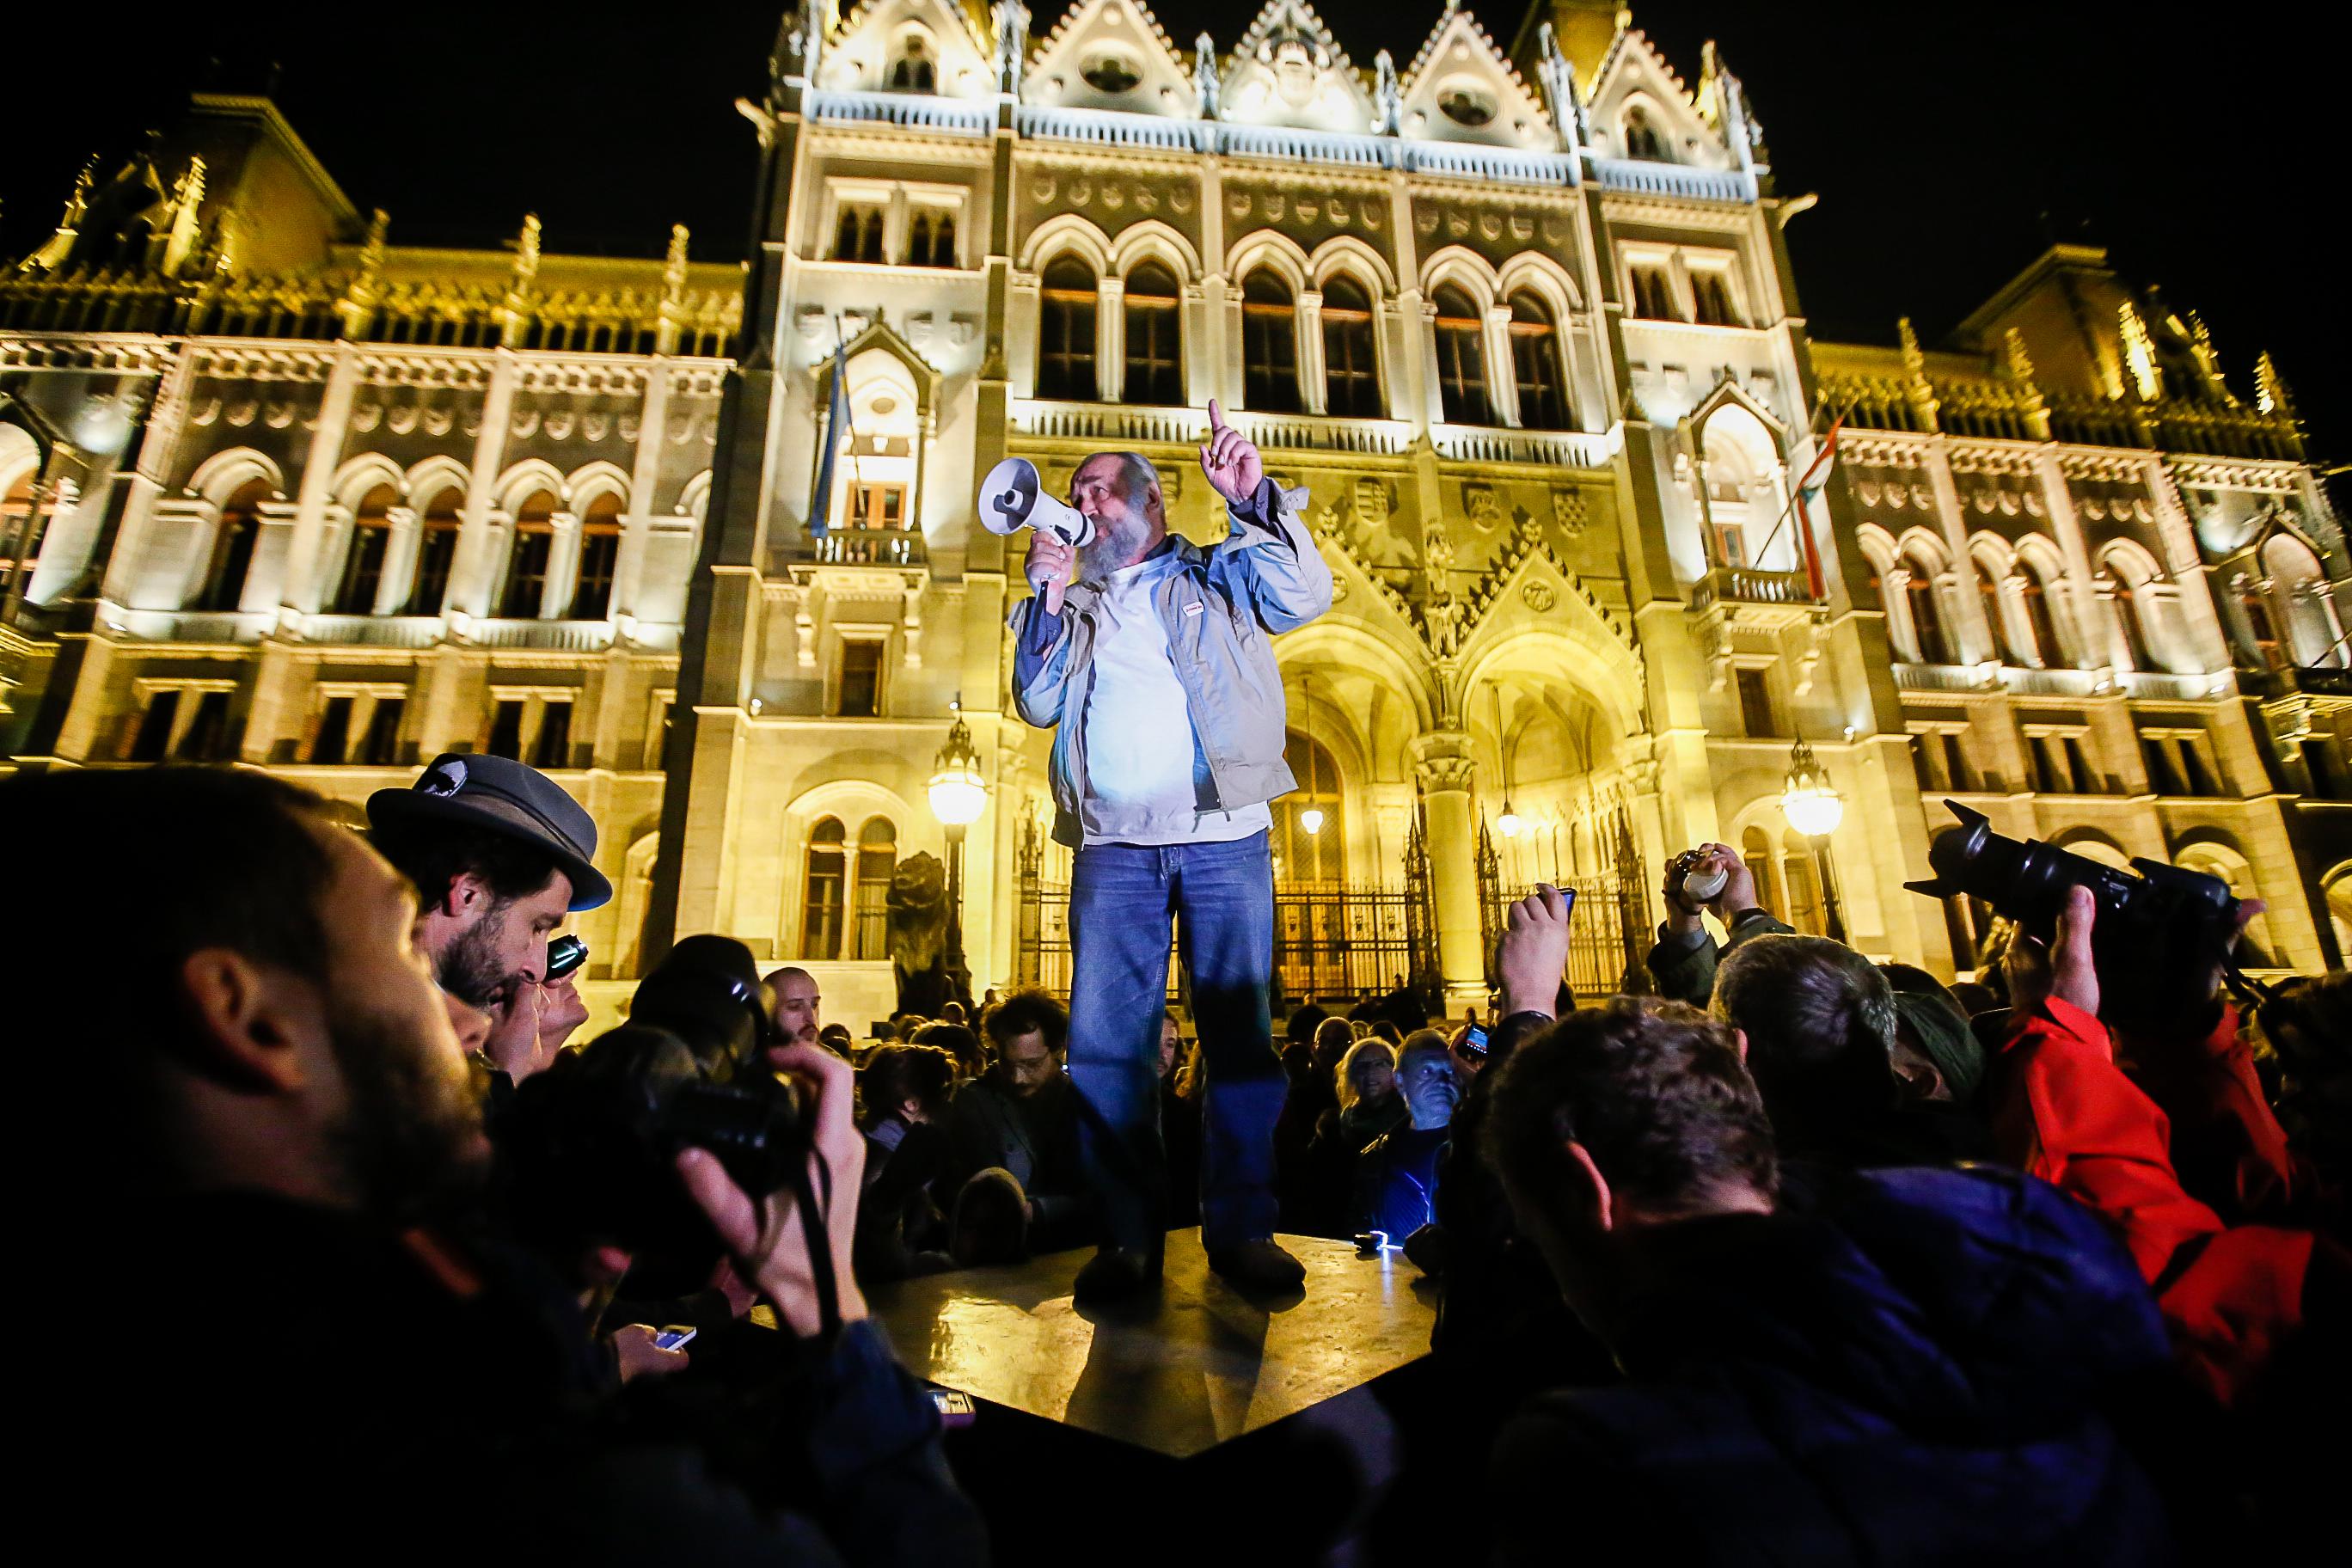 """""""Egész Magyarországgal kibasztak, hogy a saját zsebük tele legyen"""" - már nem csak a Népszabadságról szól a tüntetés"""